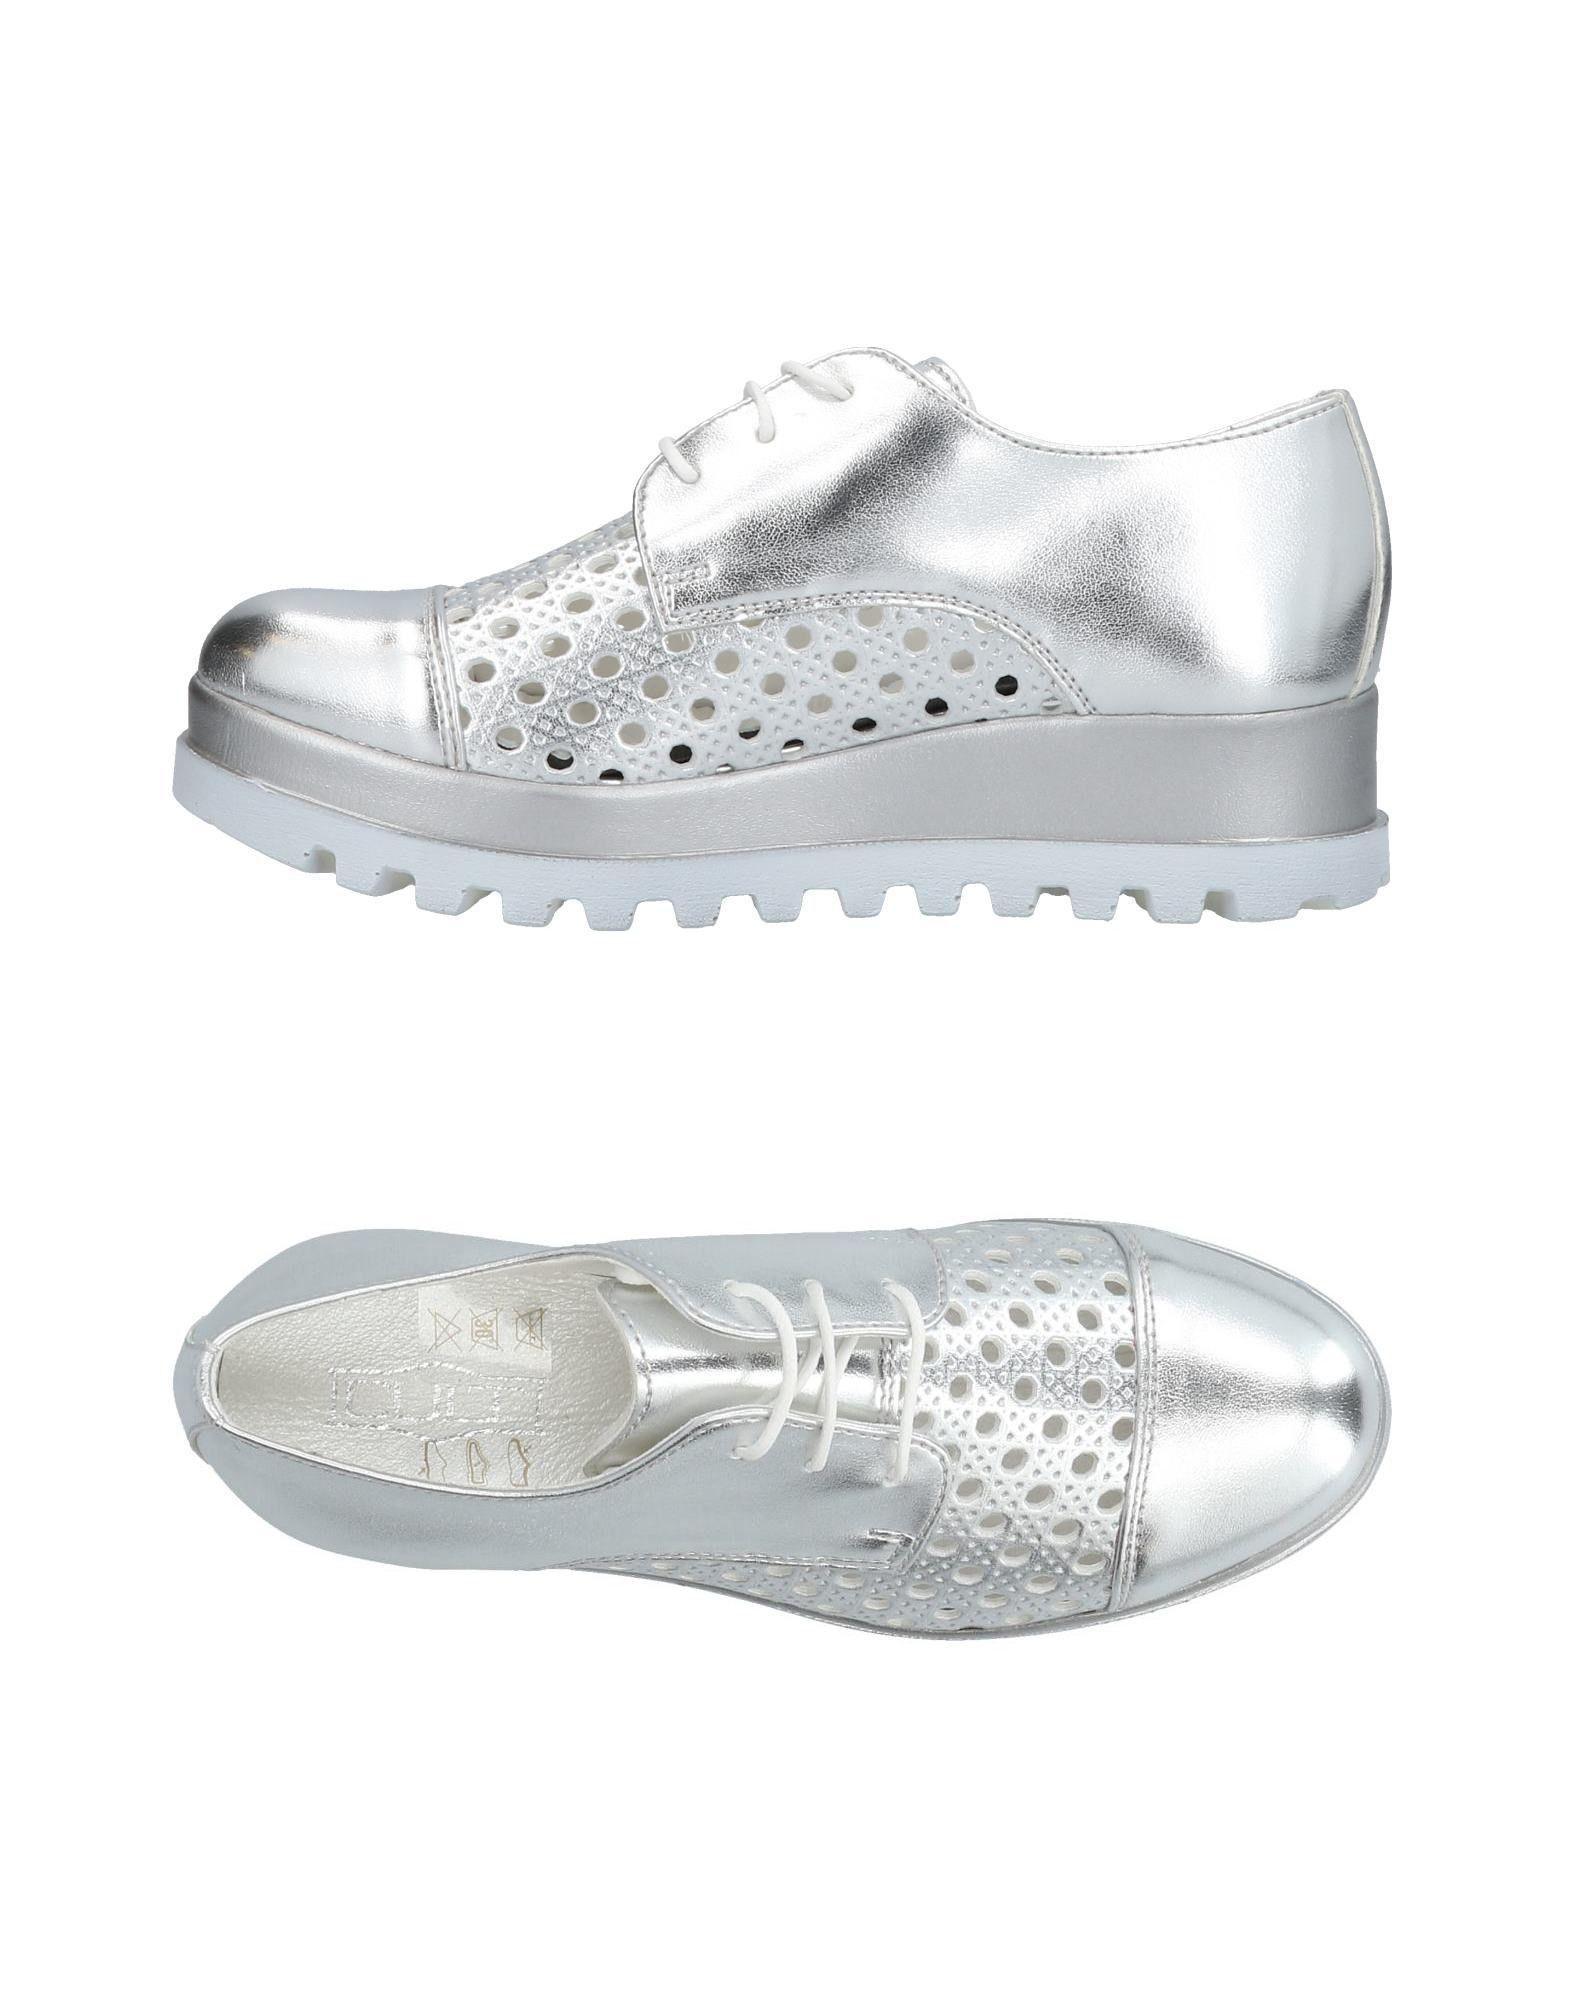 CULT Обувь на шнурках первый внутри обувь обувь обувь обувь обувь обувь обувь обувь обувь 8a2549 мужская армия green 40 метров